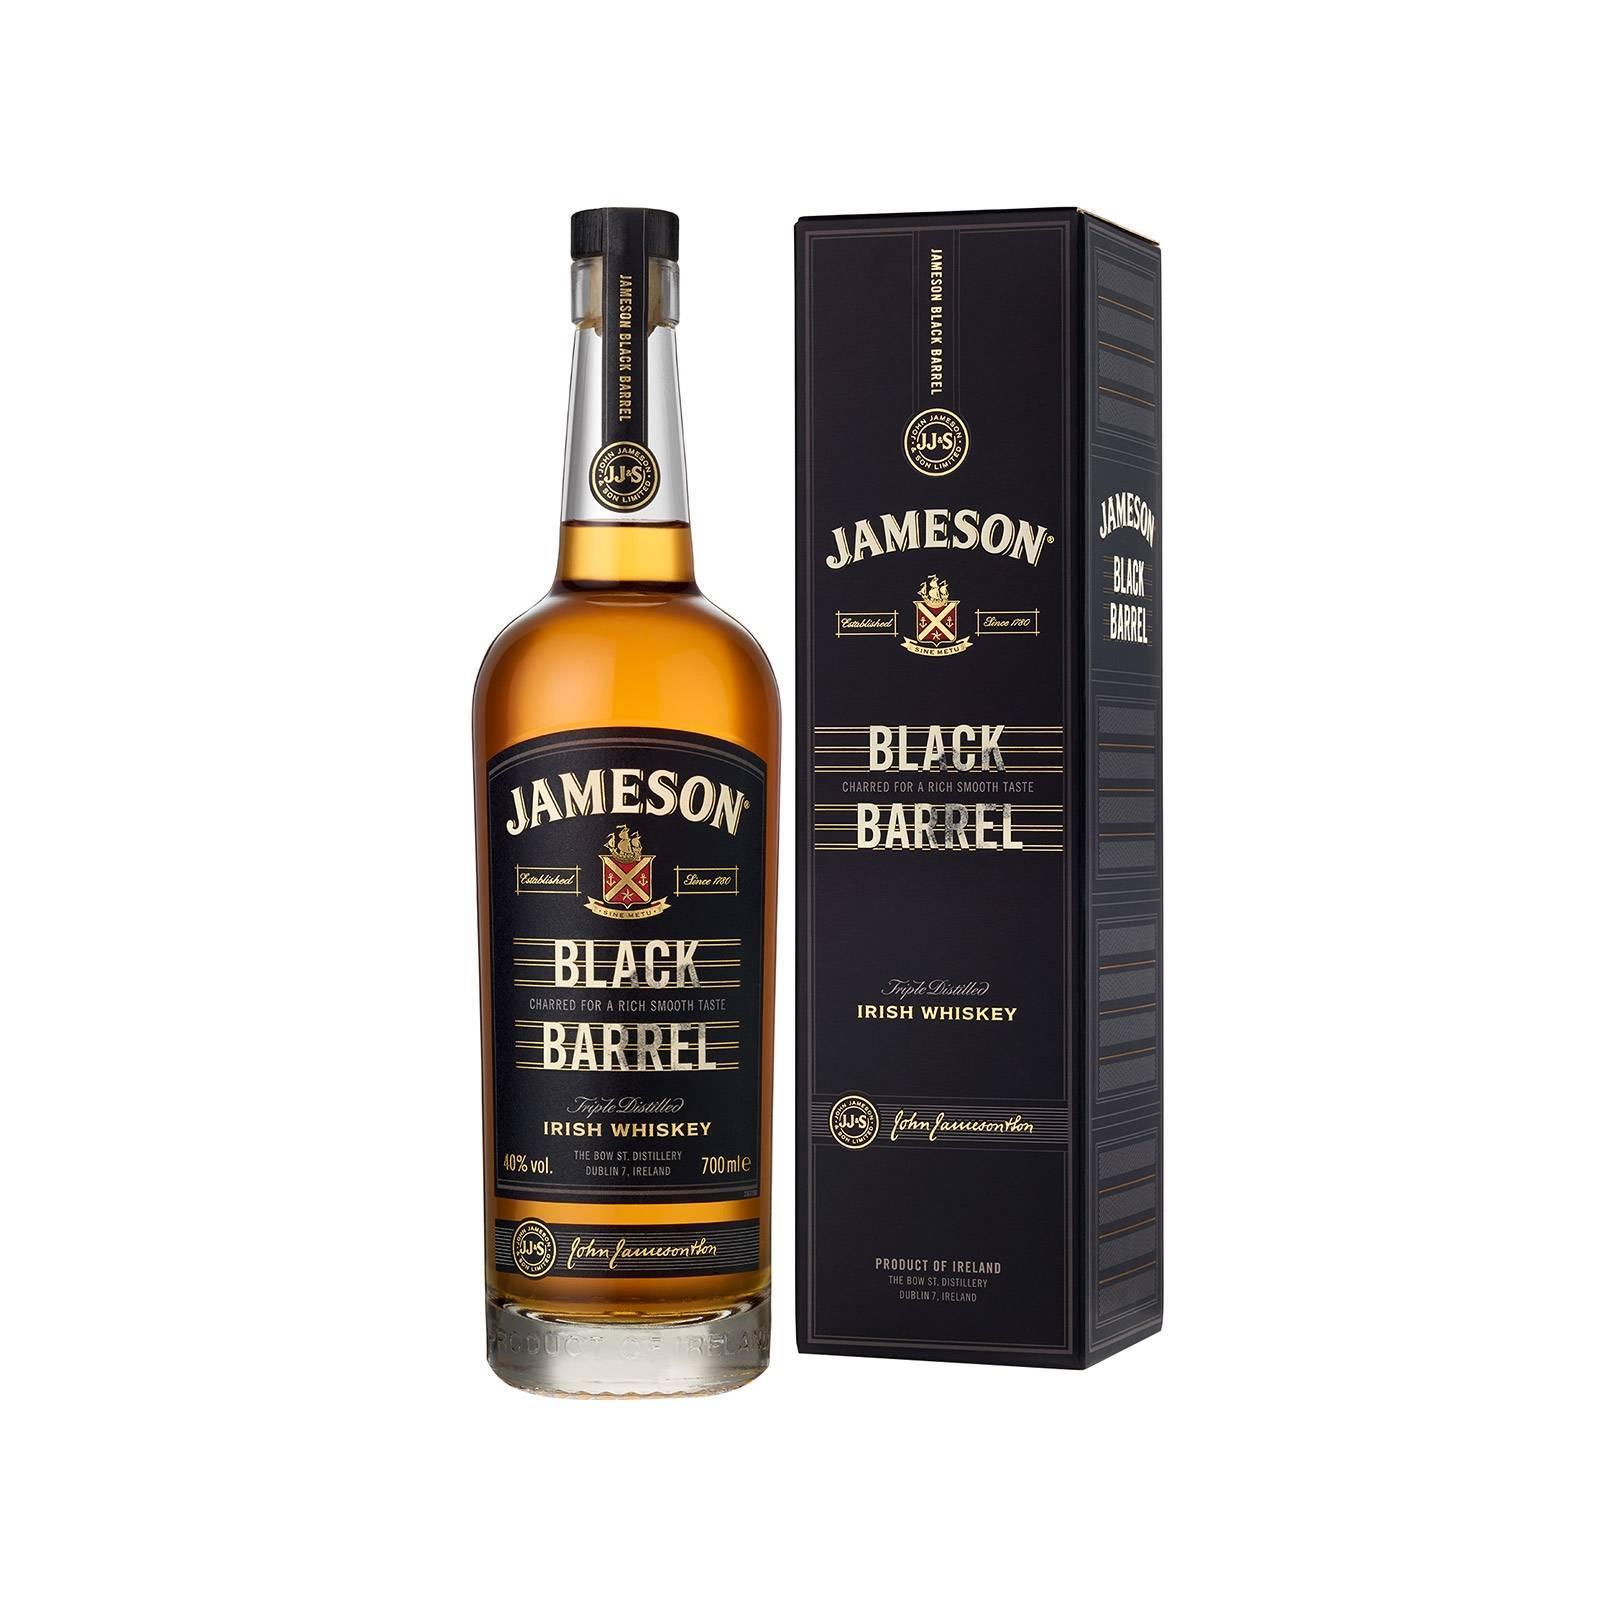 Ирландский купажированный виски jameson select reserve black barrel: рейтинг, отзывы, дегустационные заметки